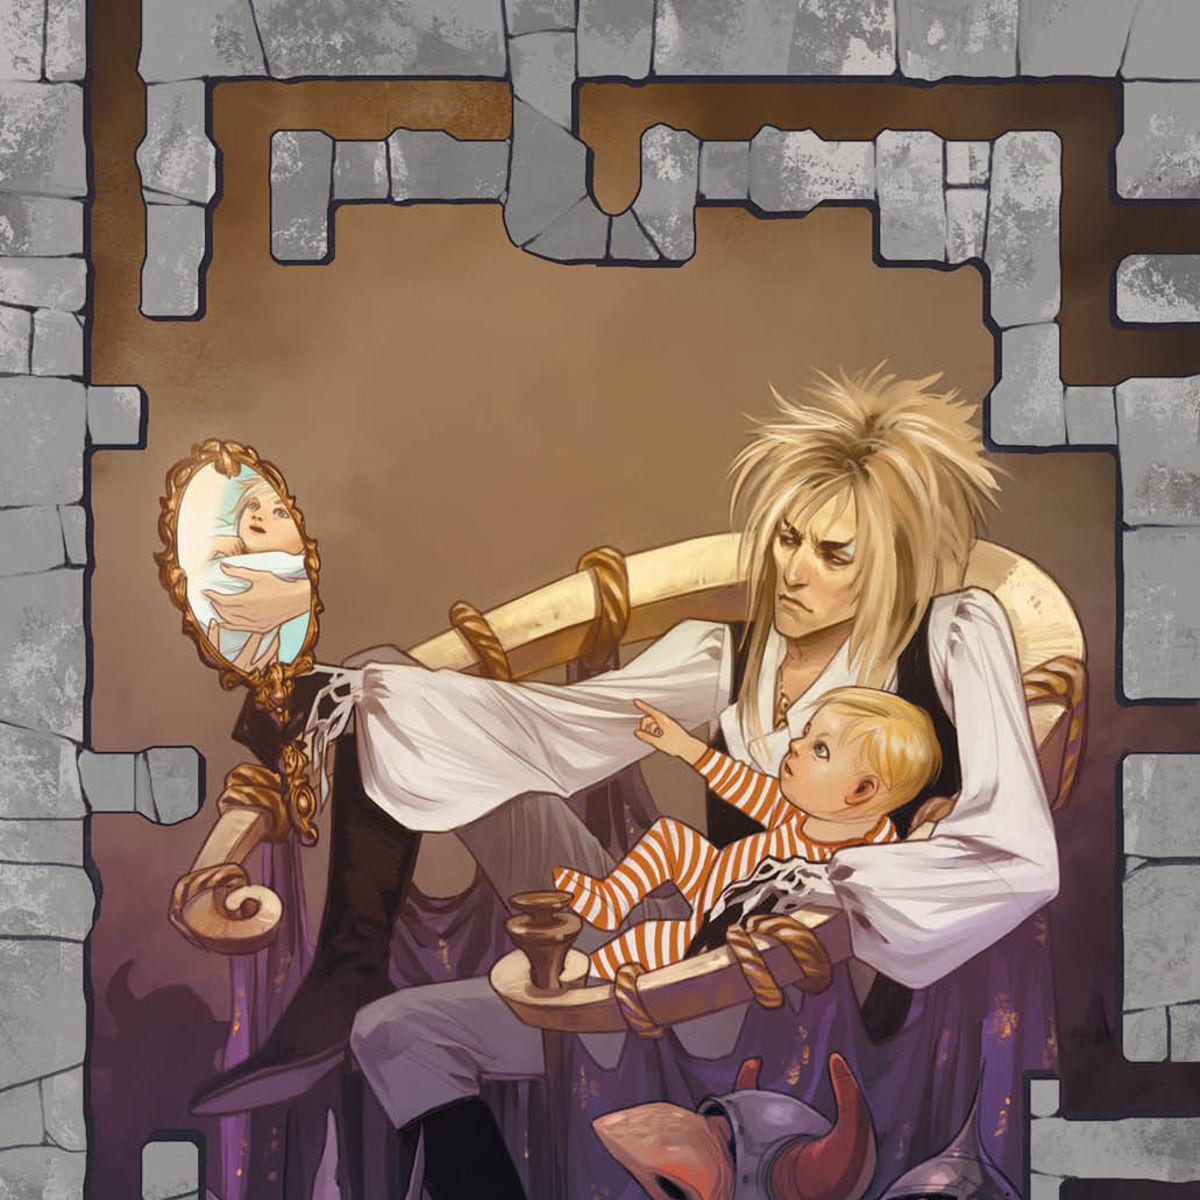 labyrinth_001_a_main_fionastaples.jpg